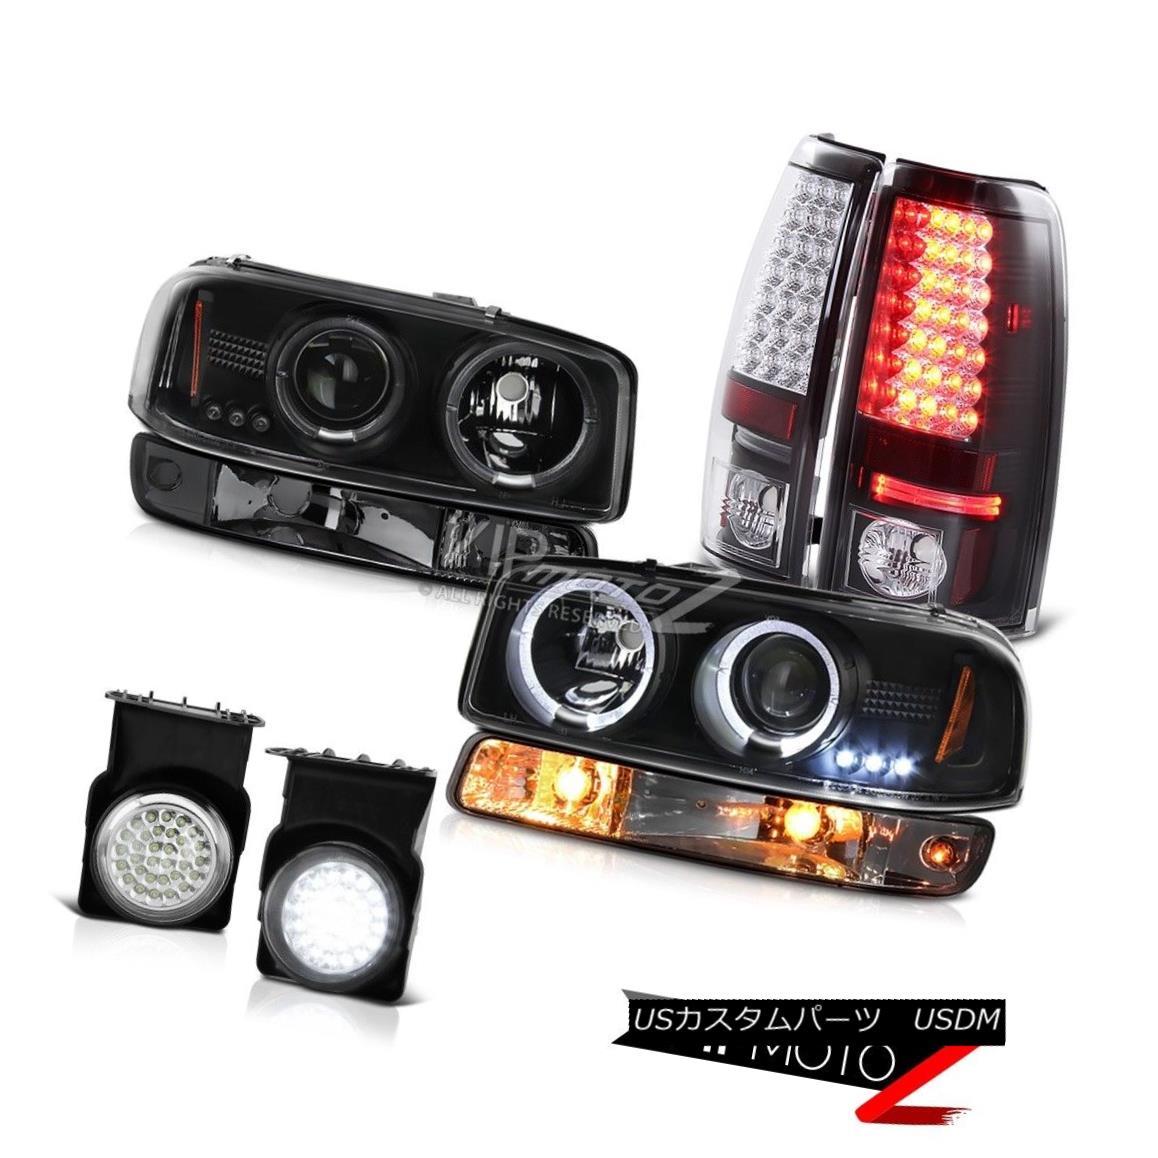 大特価 車用品 (訳ありセール 格安) バイク用品 >> パーツ ライト ランプ ヘッドライト 2003-2006 Sierra GMT800 headlights bumper foglamps 2003-2006シエラGMT800クロームフォグランプテールランプバンパーライトヘッドライトLED Chrome light LED lamps tail